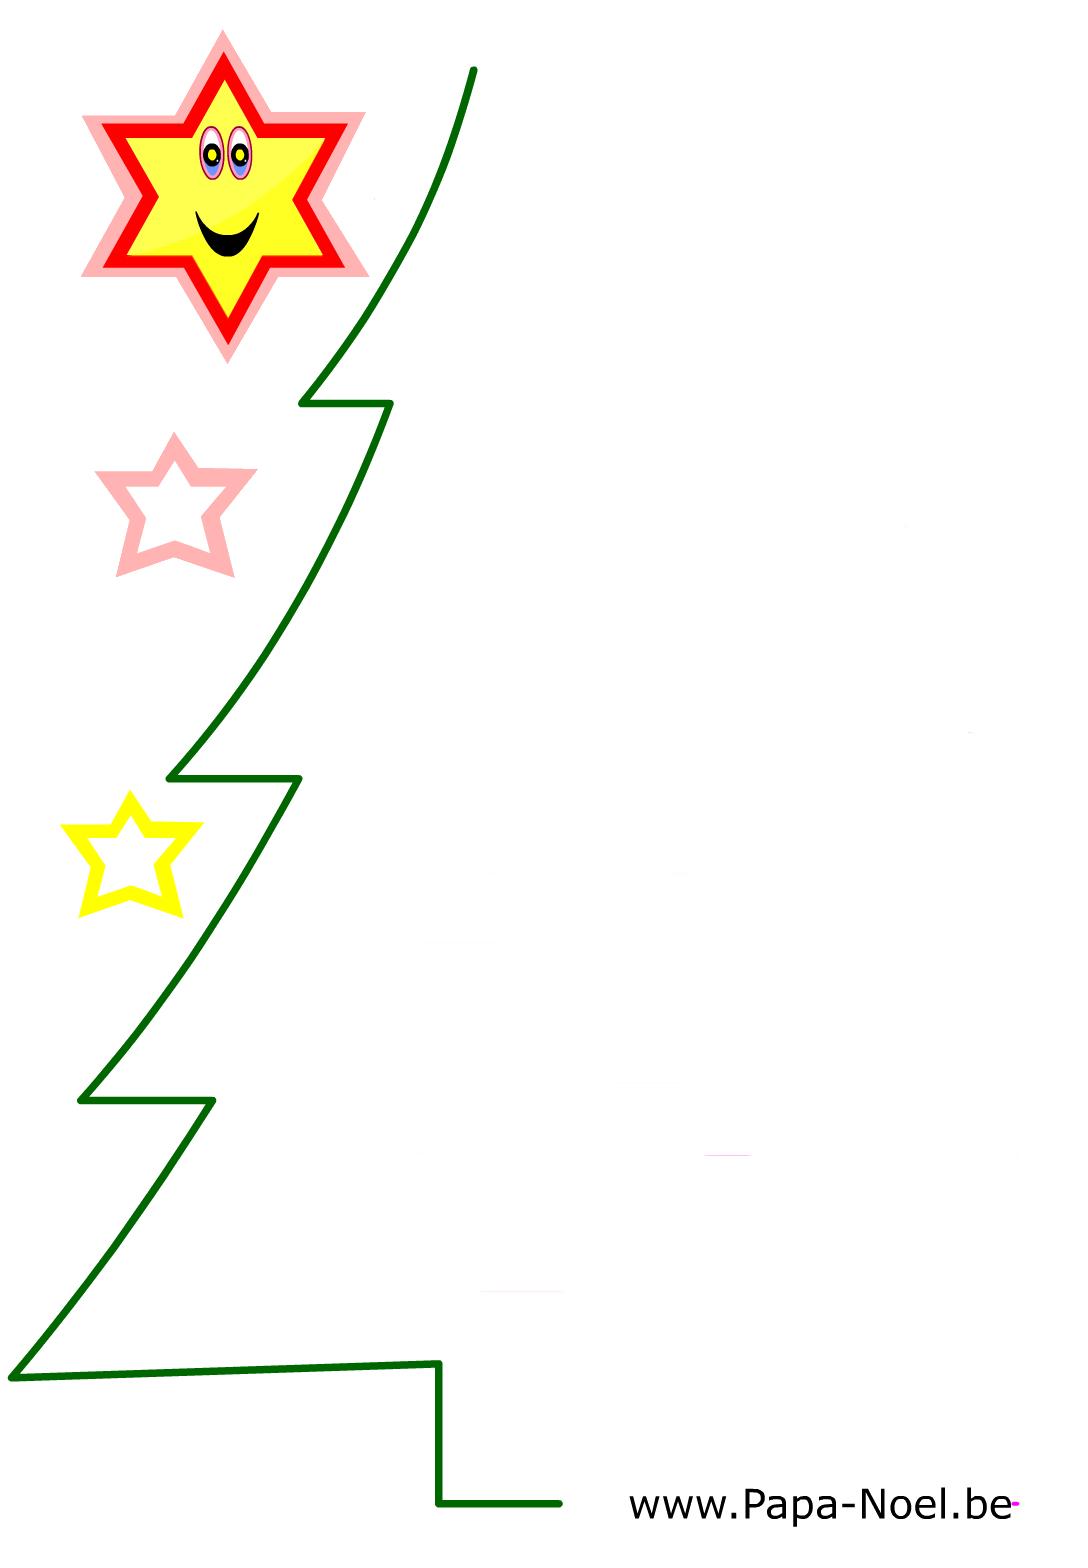 Papier A Lettre Noel A Imprimer Nouvel An Papeterie Gratuit tout Papier À Lettre Gratuit À Imprimer